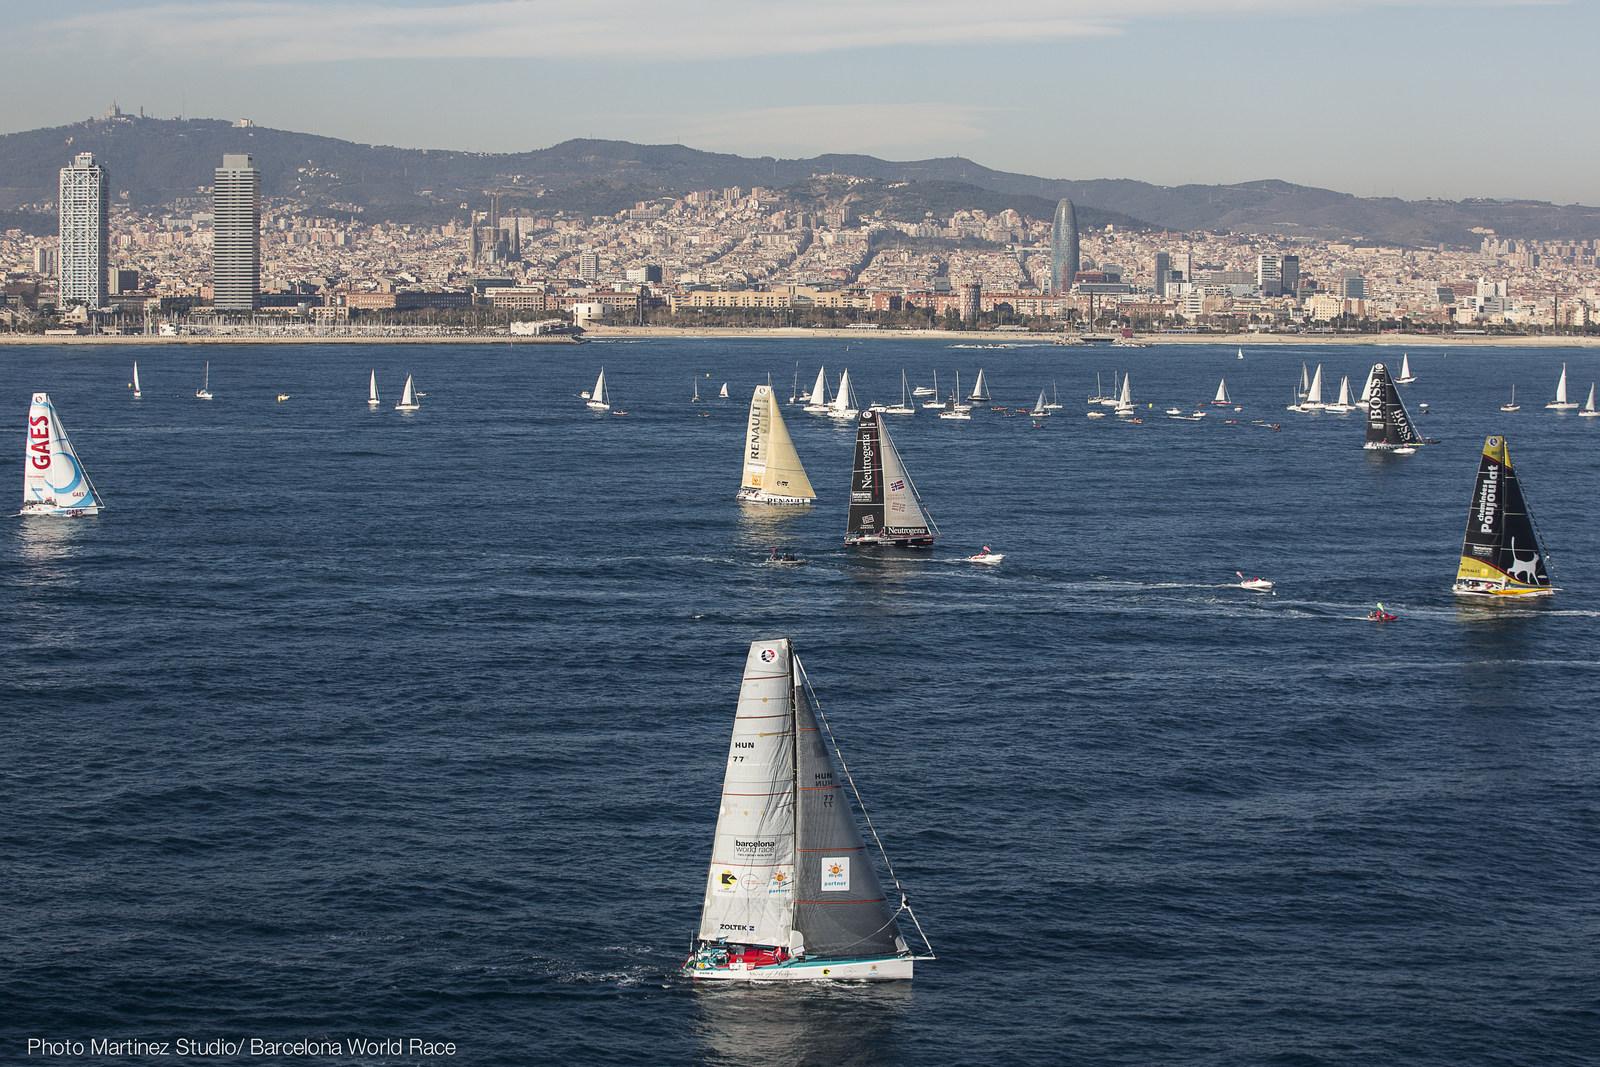 <b>Barcelona World Race 2015 - Sun and Sons shine on Light Winds</b>